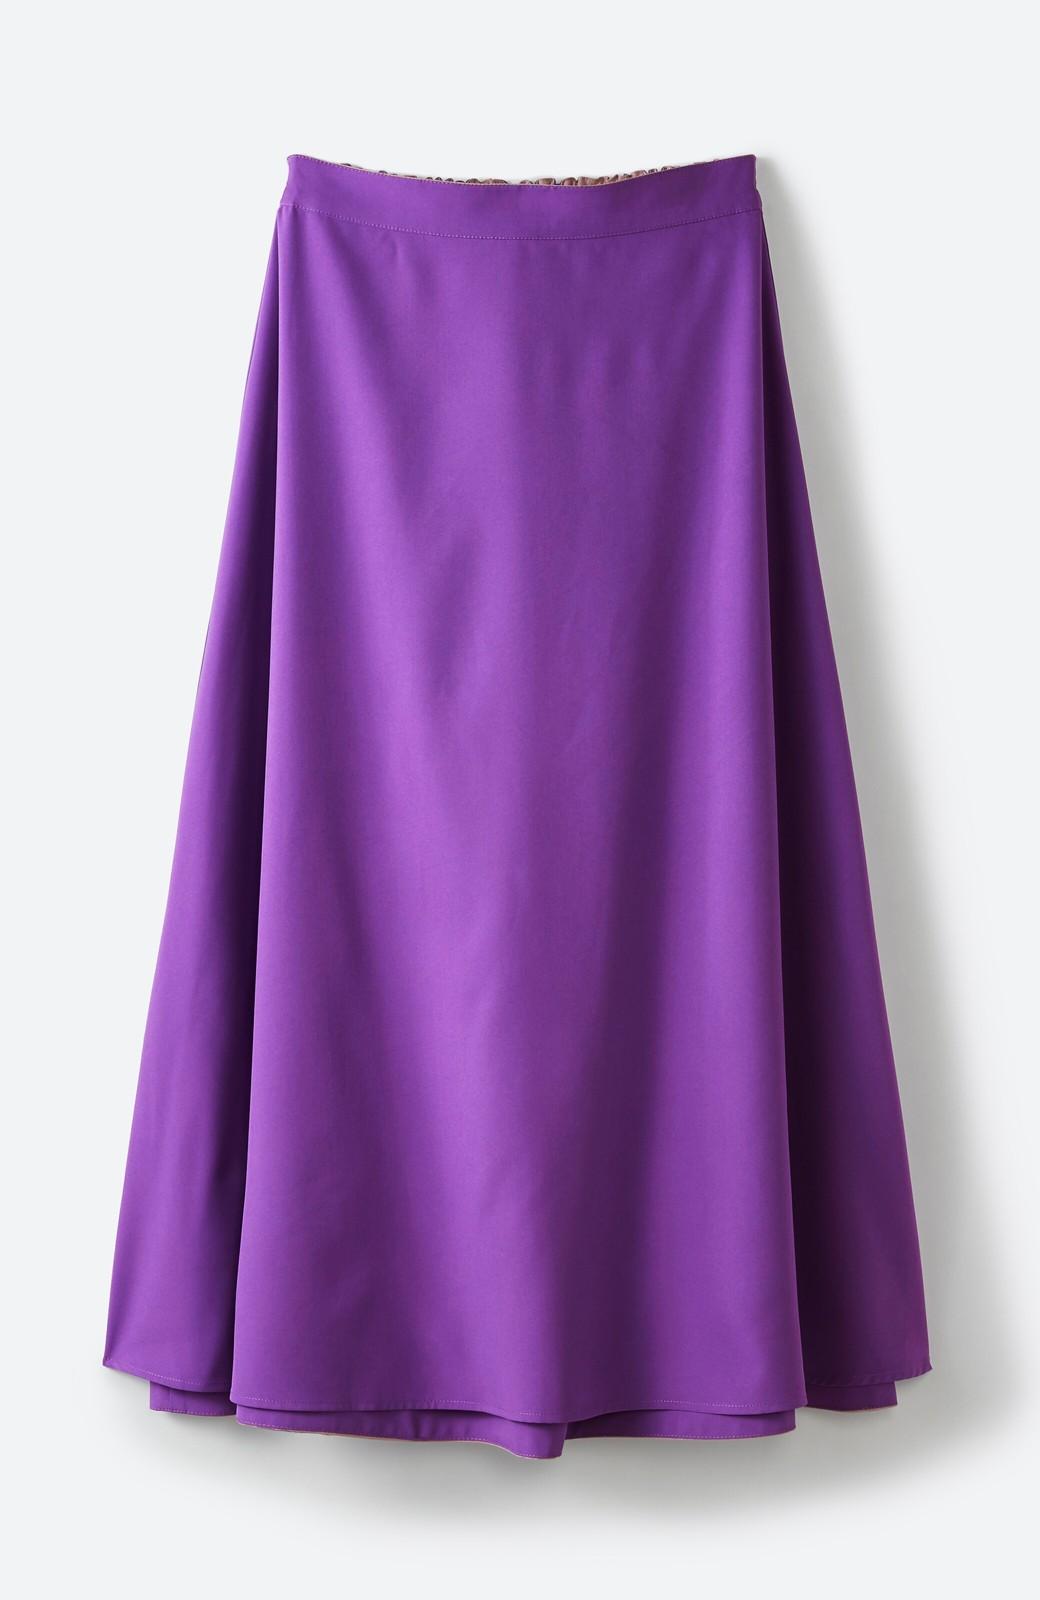 haco! オフィスにもデートにも! 便利なのはきれいに見えて楽ちんなリバーシブルスカート <ピンク系その他>の商品写真6